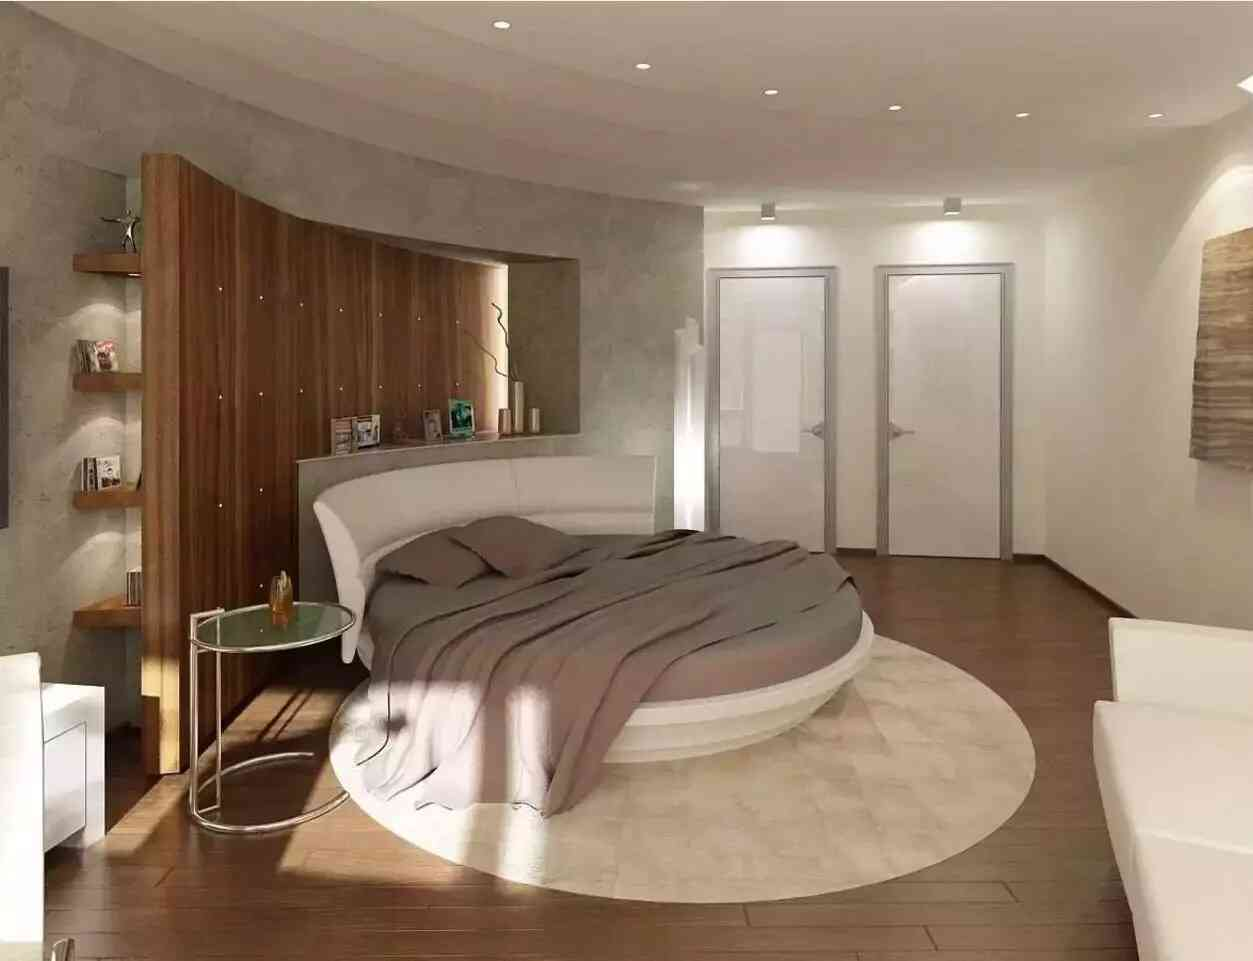 giường ngủ hình tròn màu be